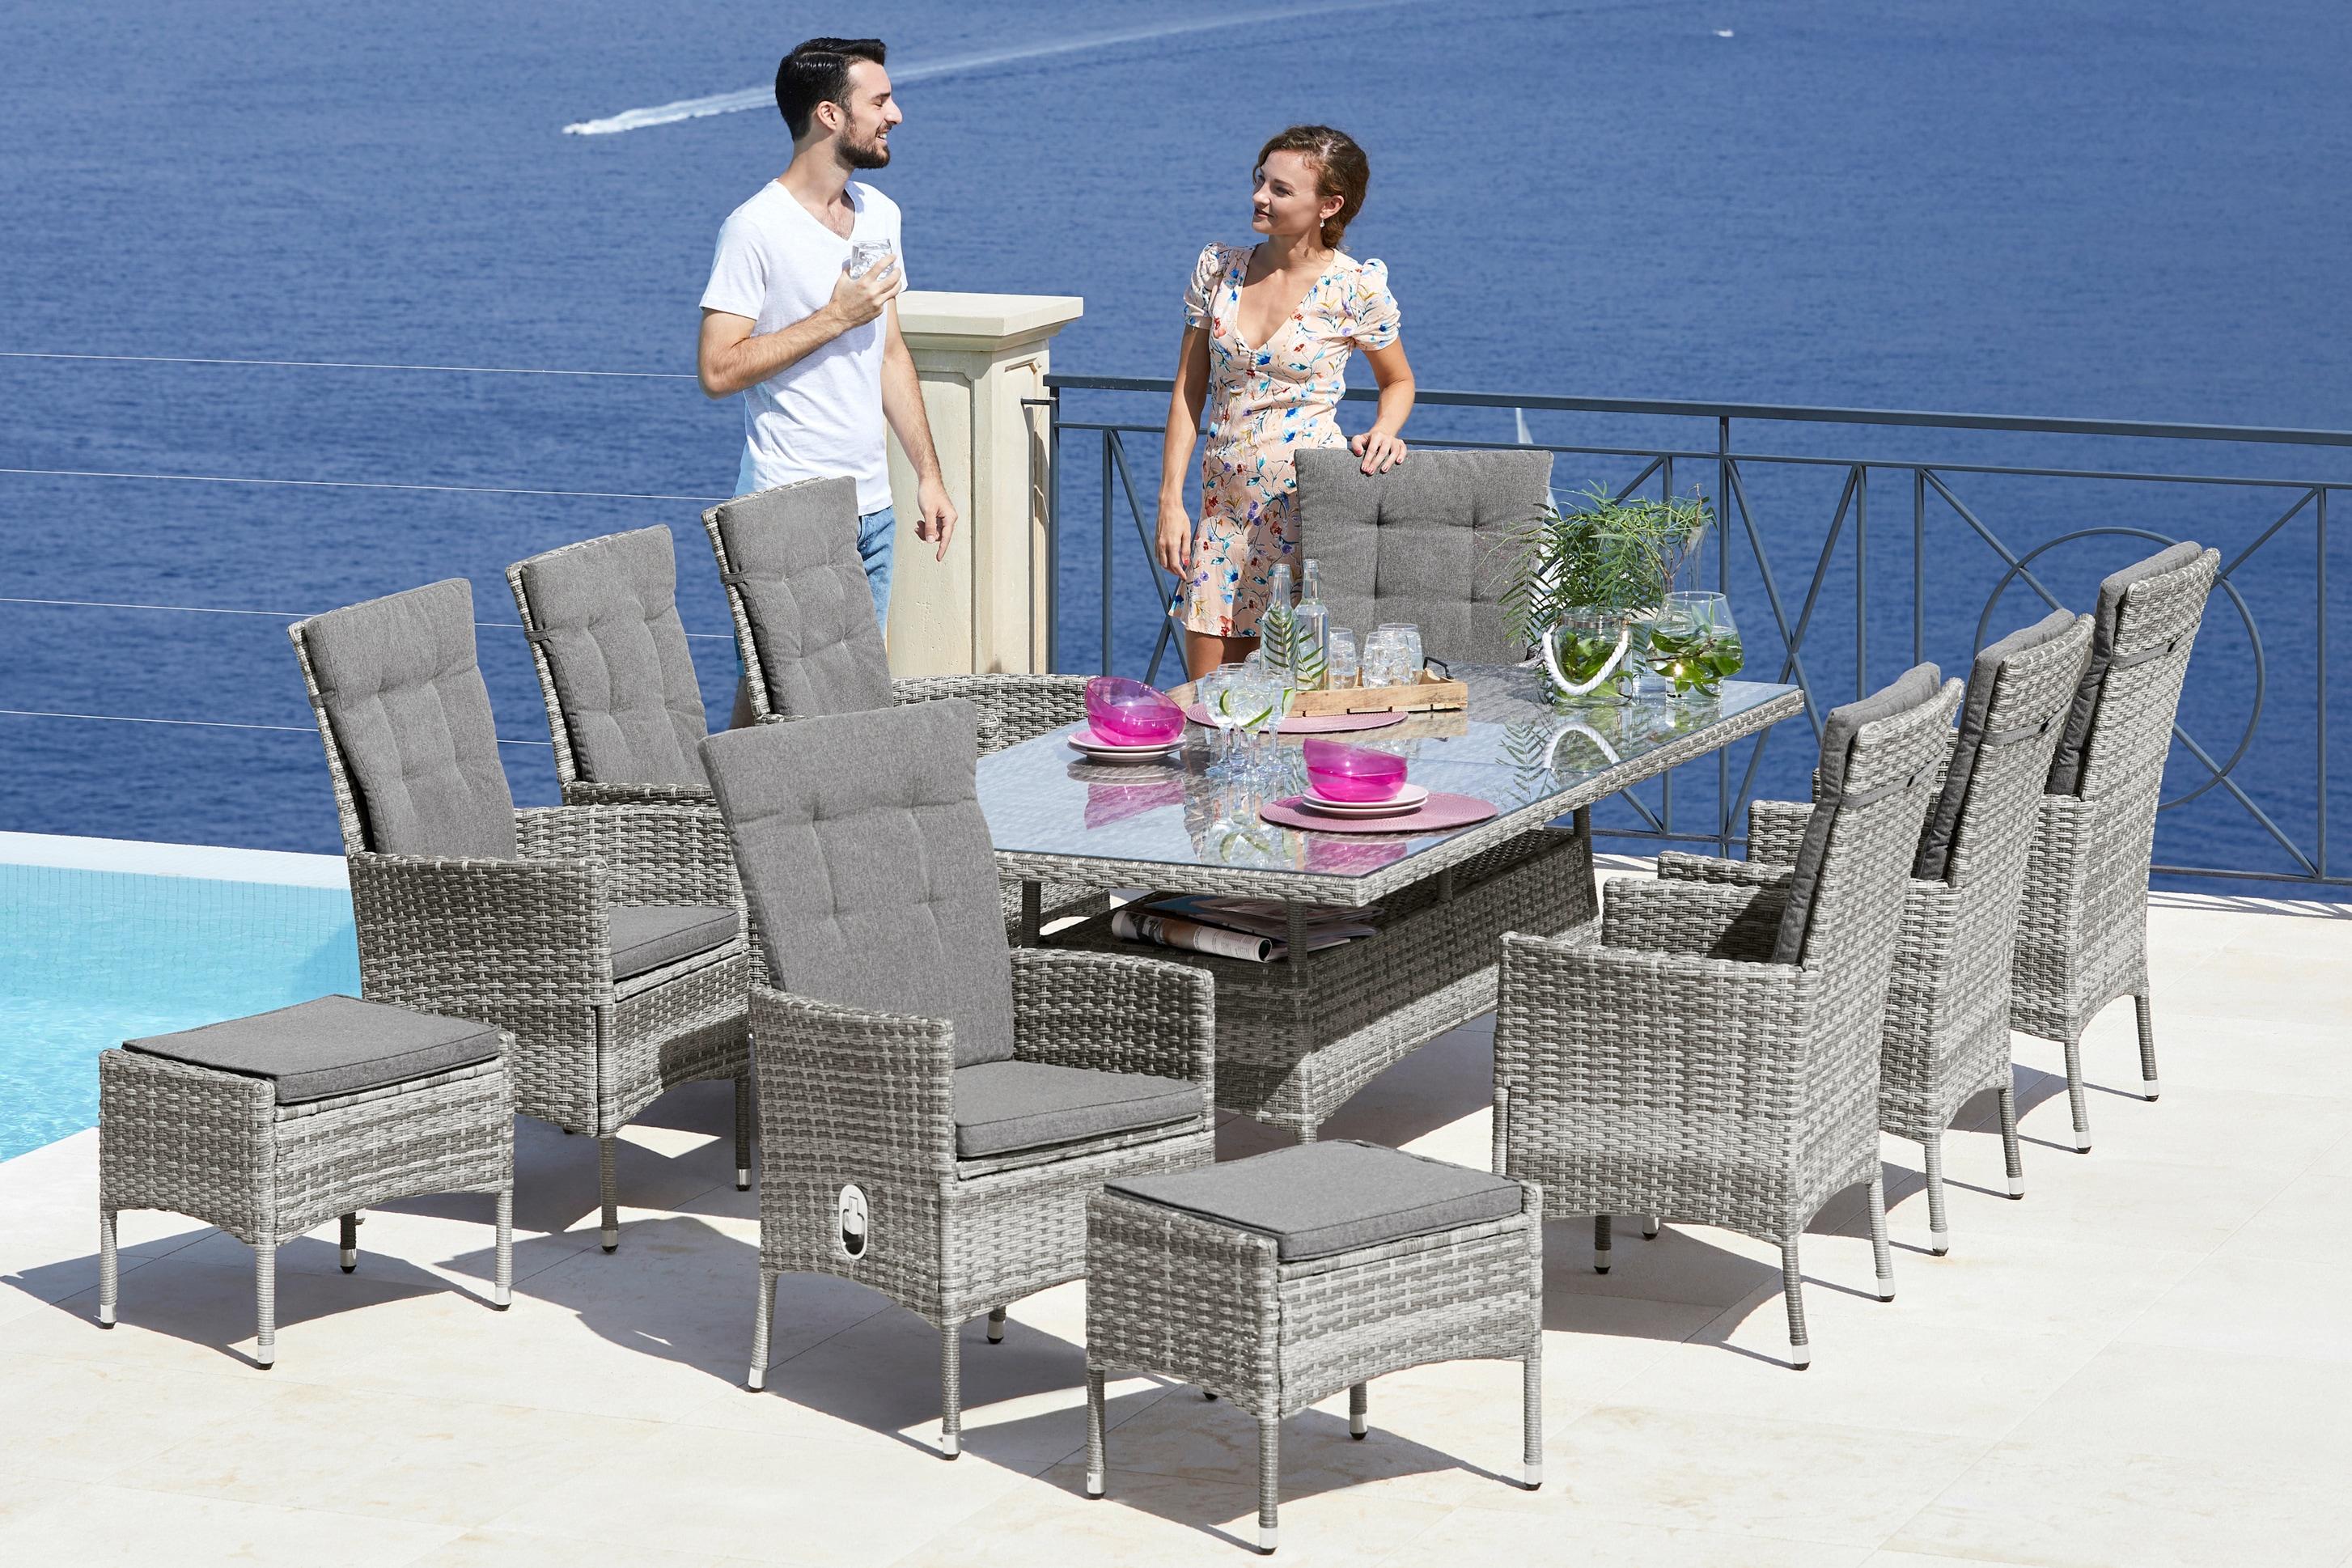 KONIFERA Gartenmöbelset Belluno 17-tlg 8 Sessel Tisch 200x100 cm Polyrattan